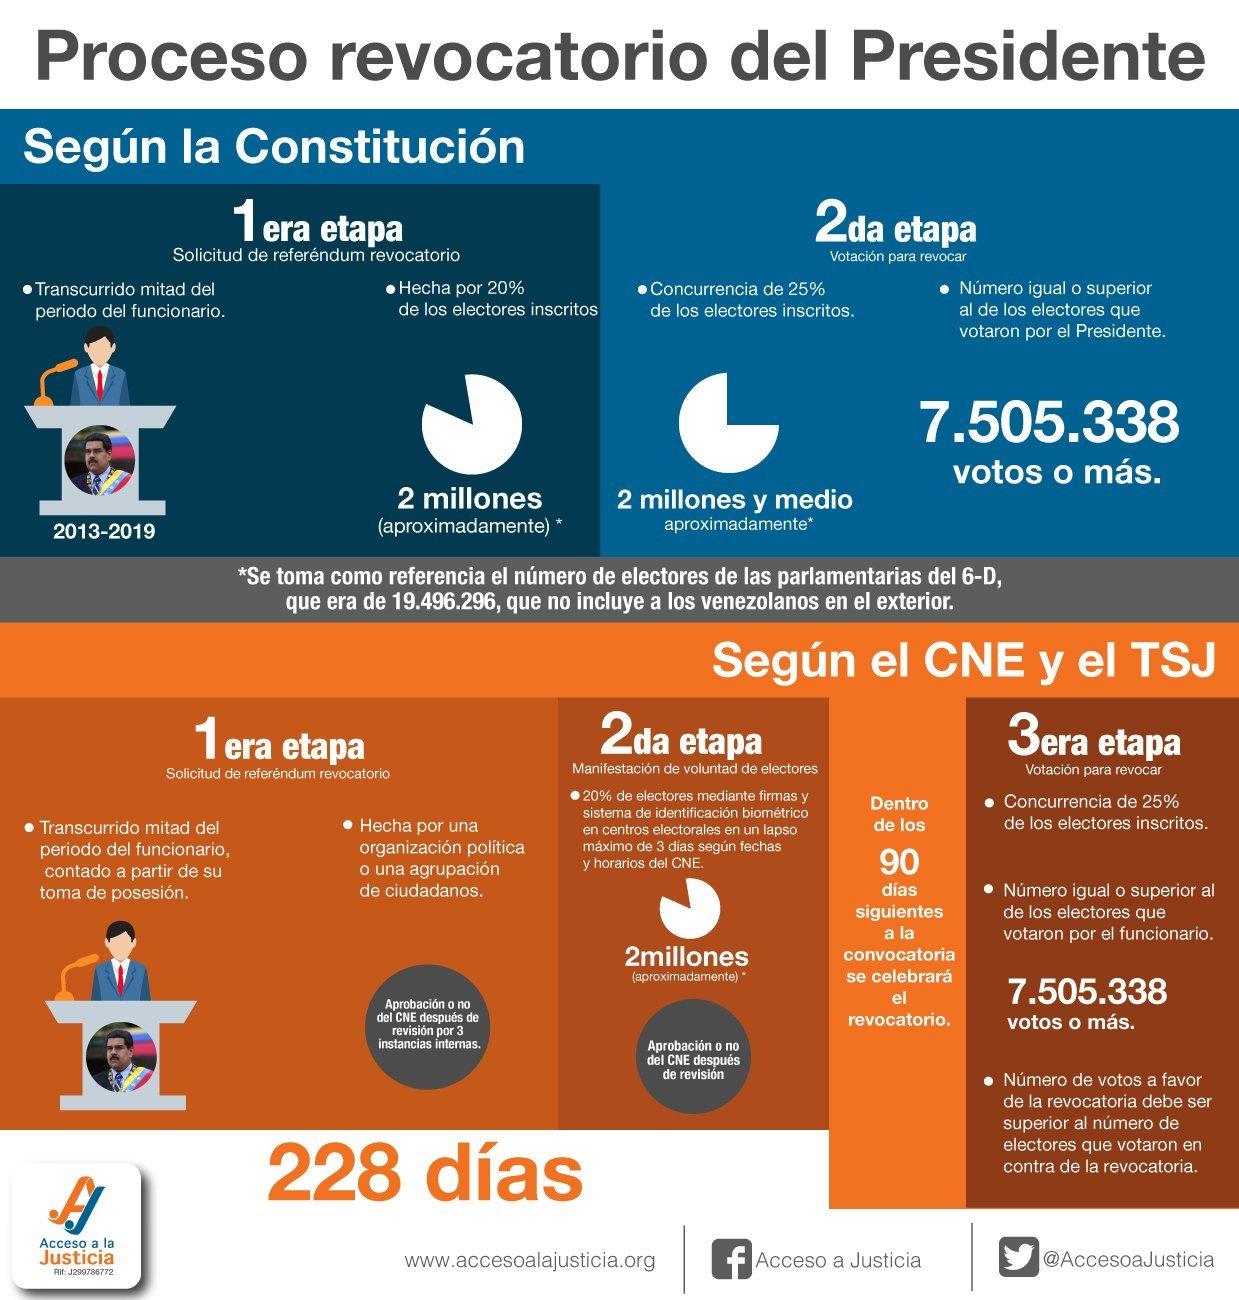 Proceso revocatorio del Presidente